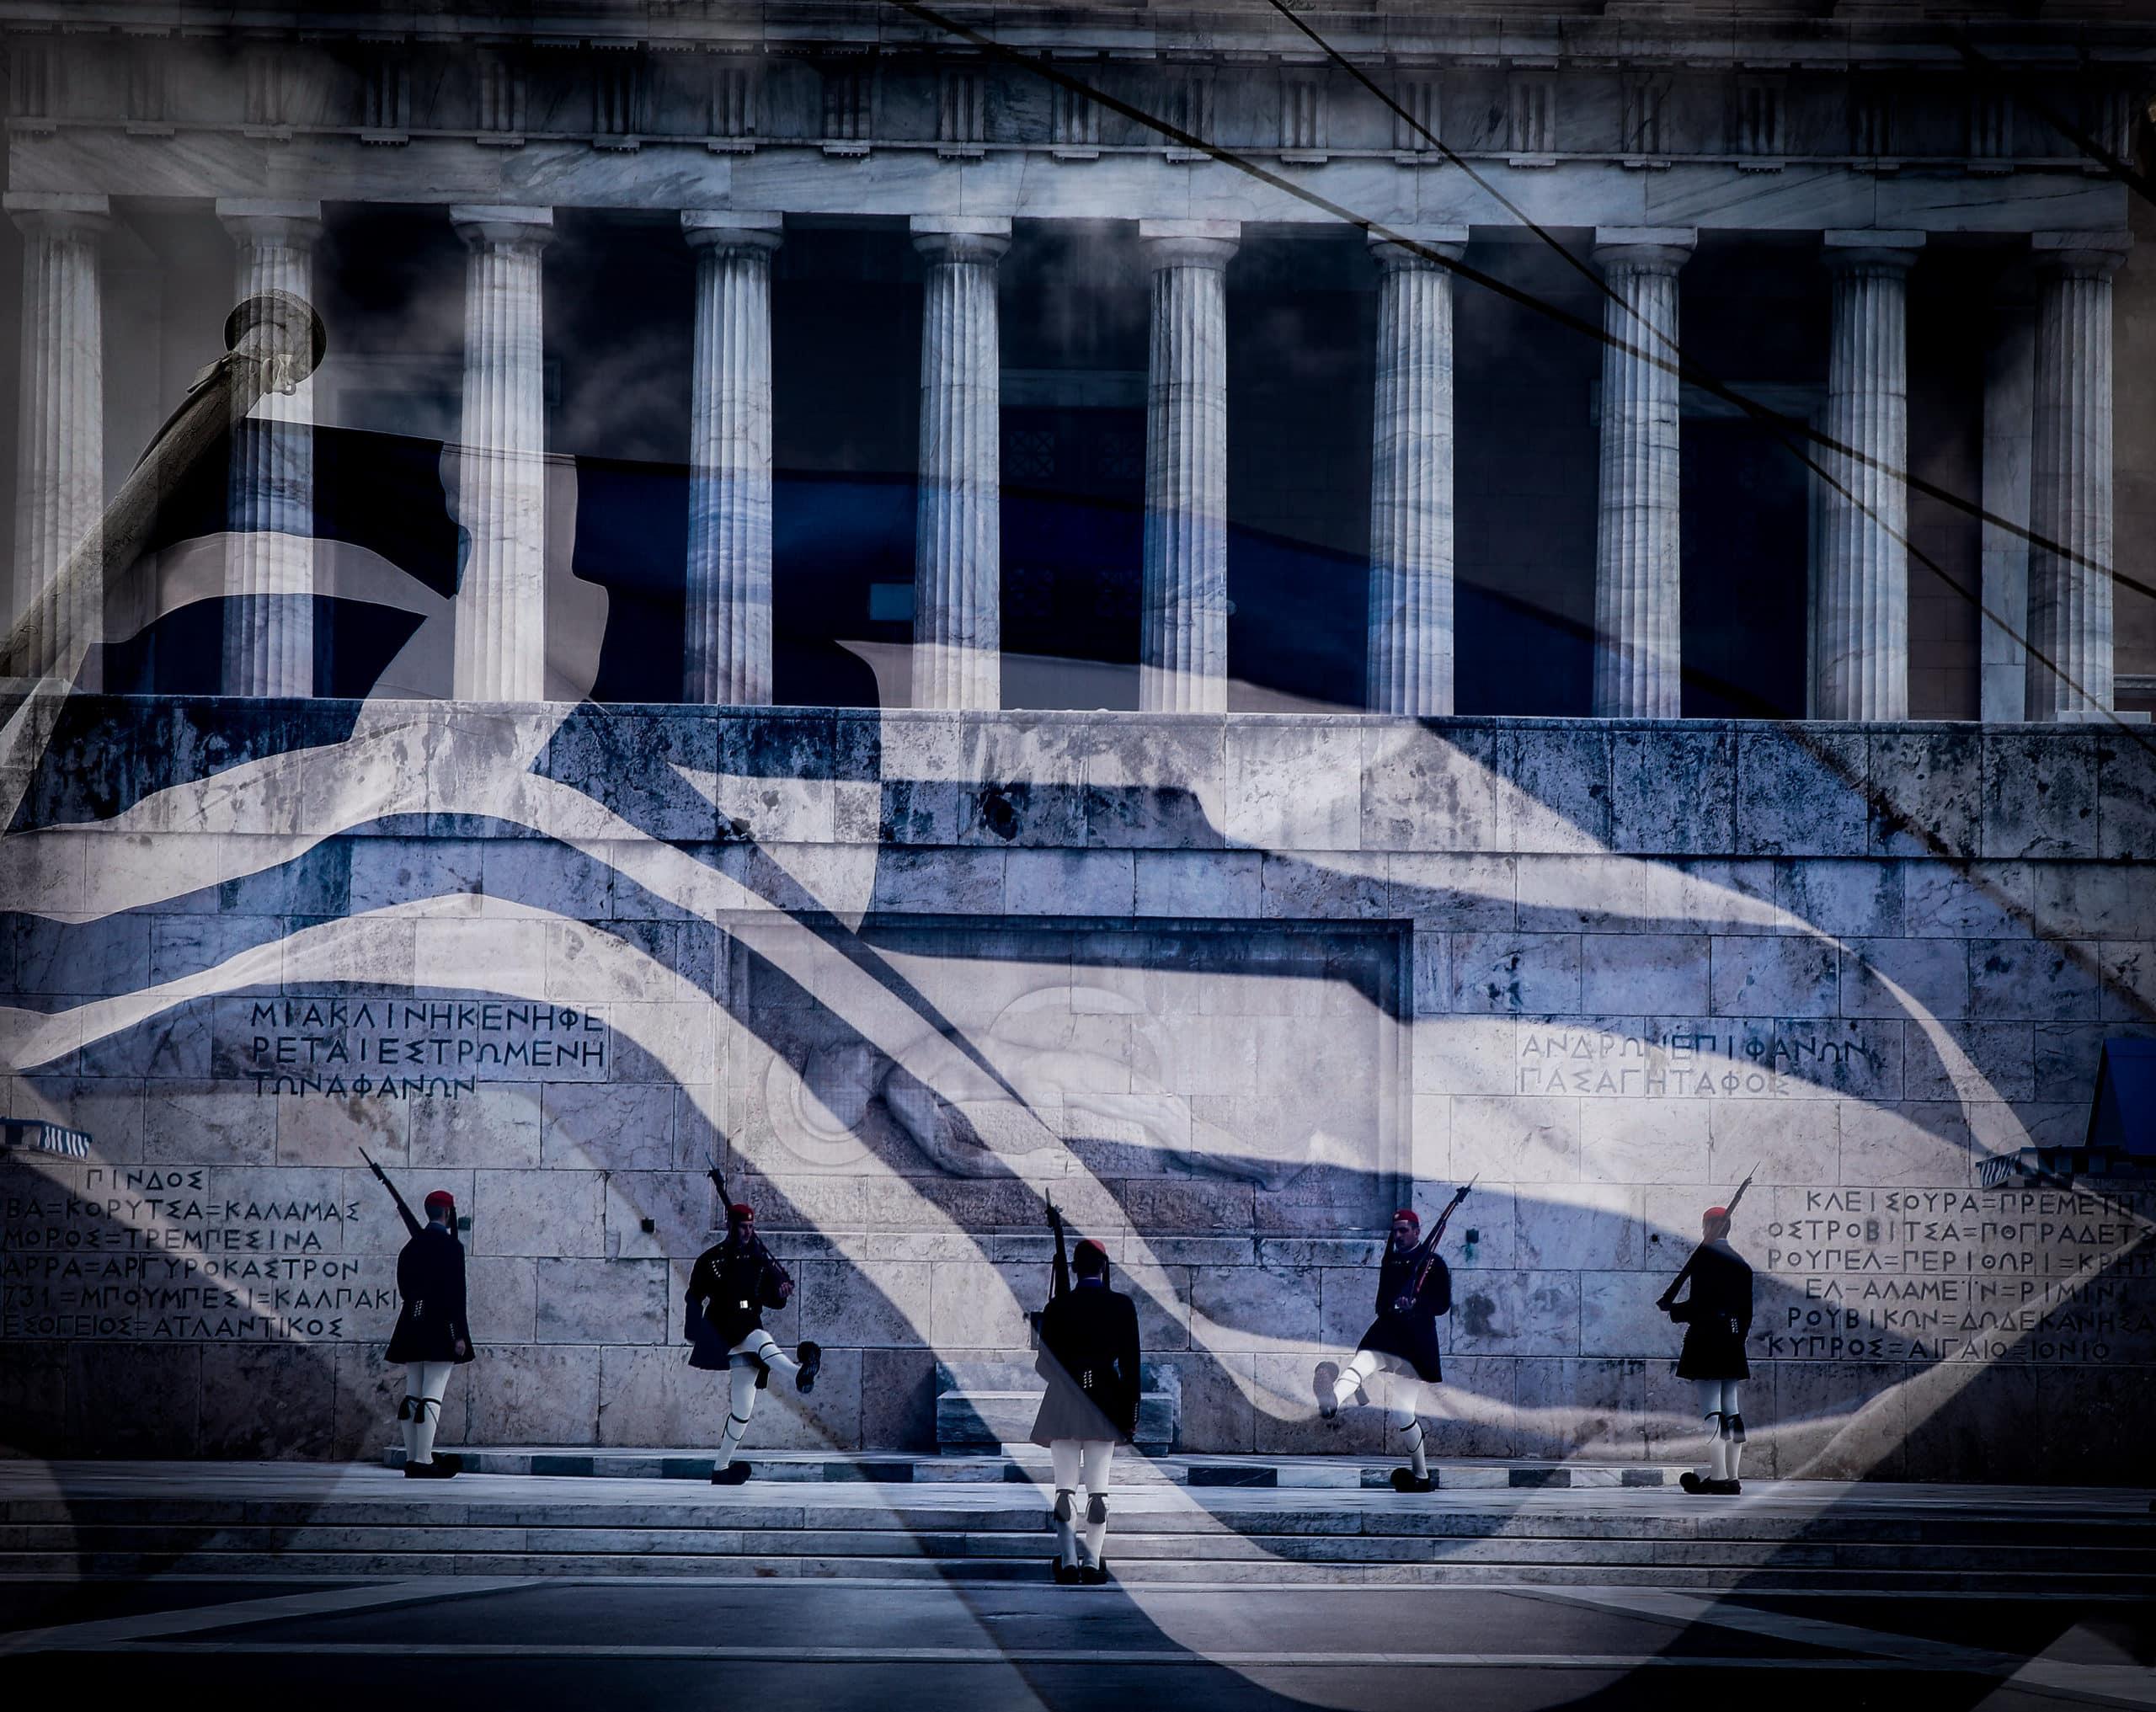 Χρόνια Πολλά Ελλάδα «Ελευθερία ή Θάνατος» 25η Μαρτίου